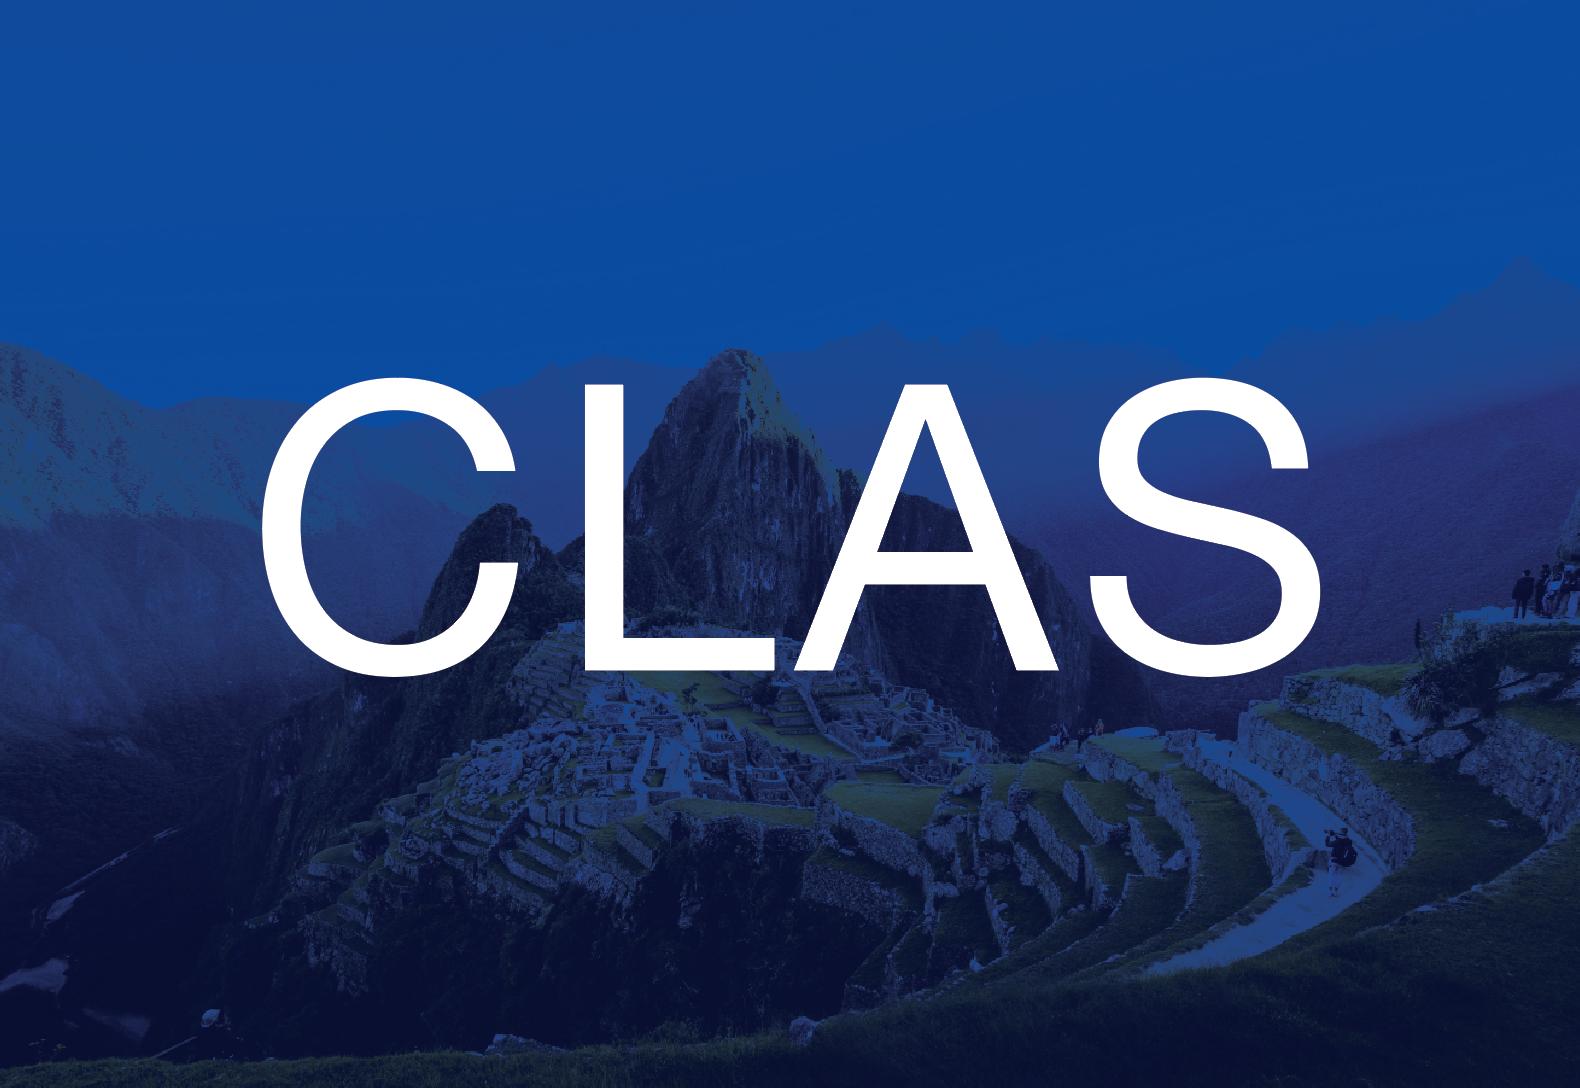 CLAS acronym